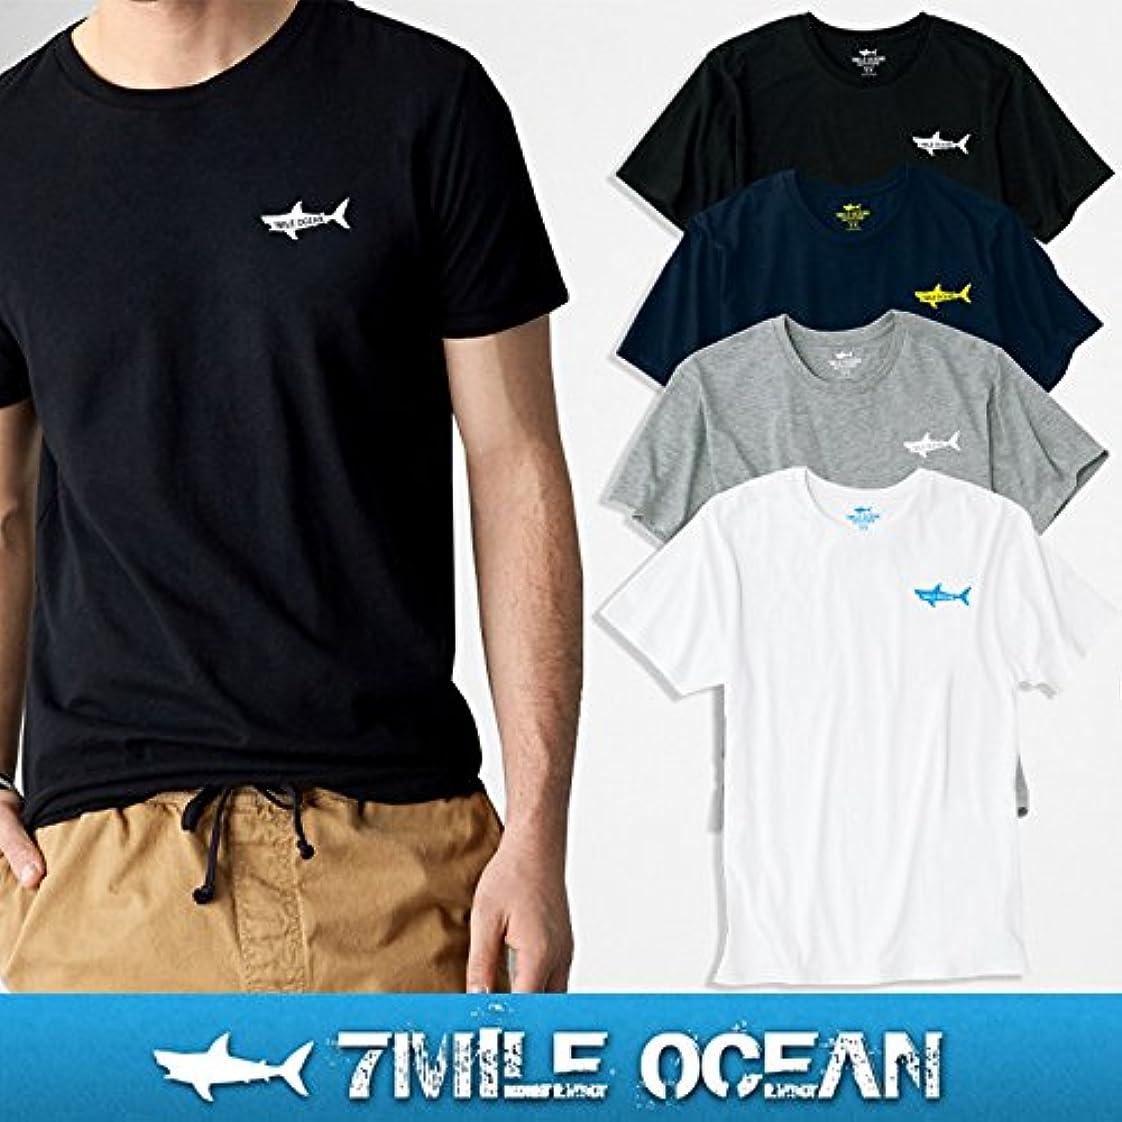 ラベンダー平和なぶら下がる7MILE OCEAN メンズ 半袖 Tシャツ プリント クルーネック ロゴ ワンポイント 無地 ボーダー グレー/黒 ホワイト/グレー 通販限定 S M L XL 大き目 大きい ビッグサイズ対応 svm0005